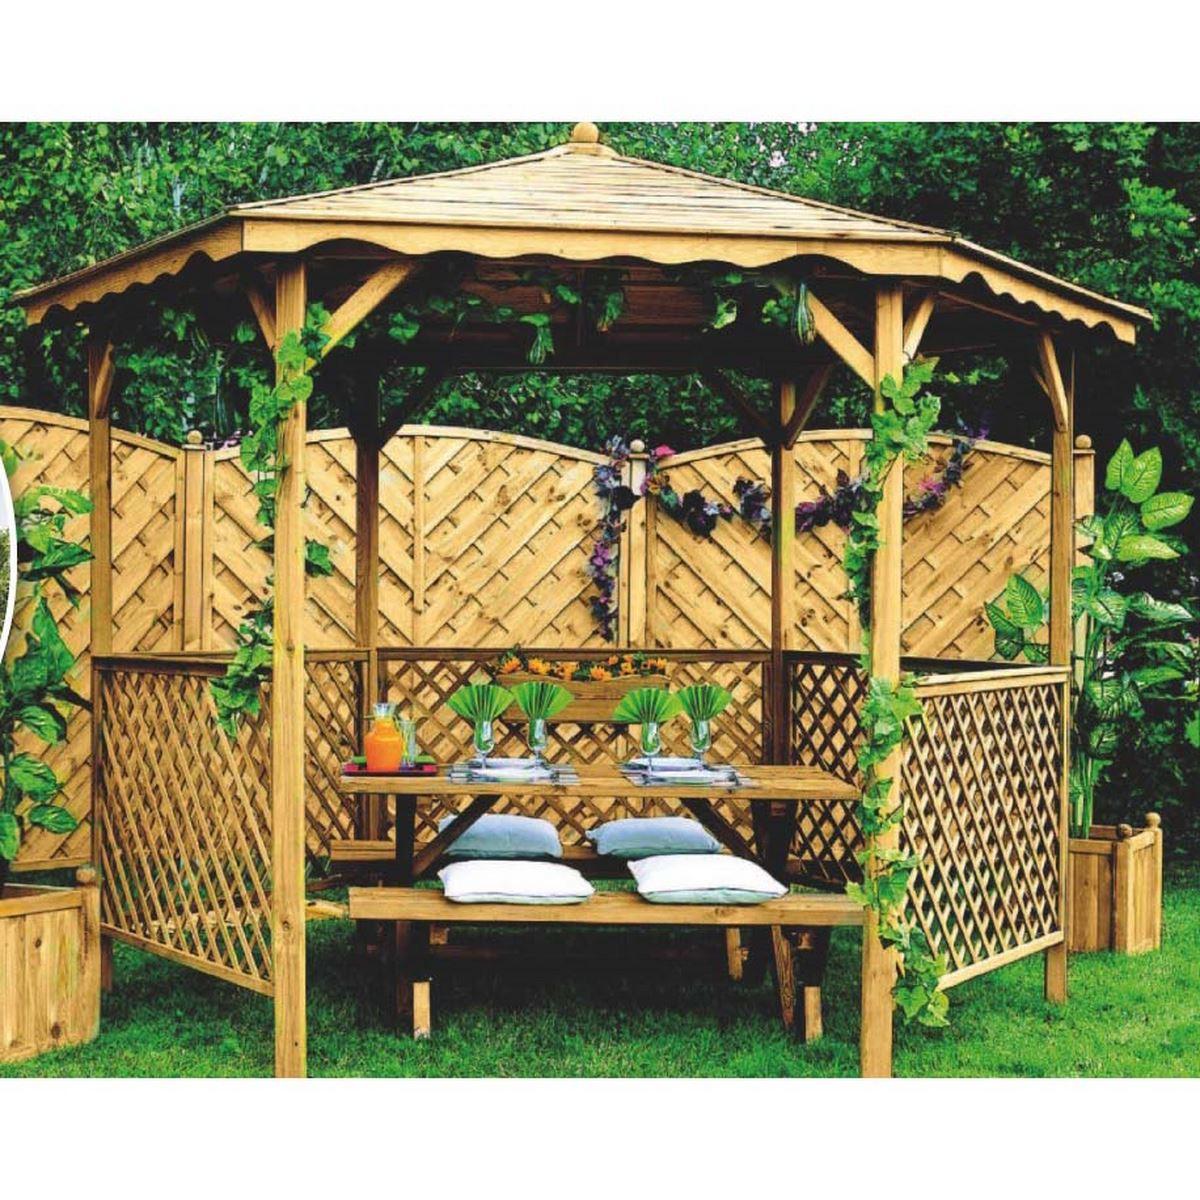 Abris De Jardin: Pergola De Jardin concernant Bricoman Abri De Jardin